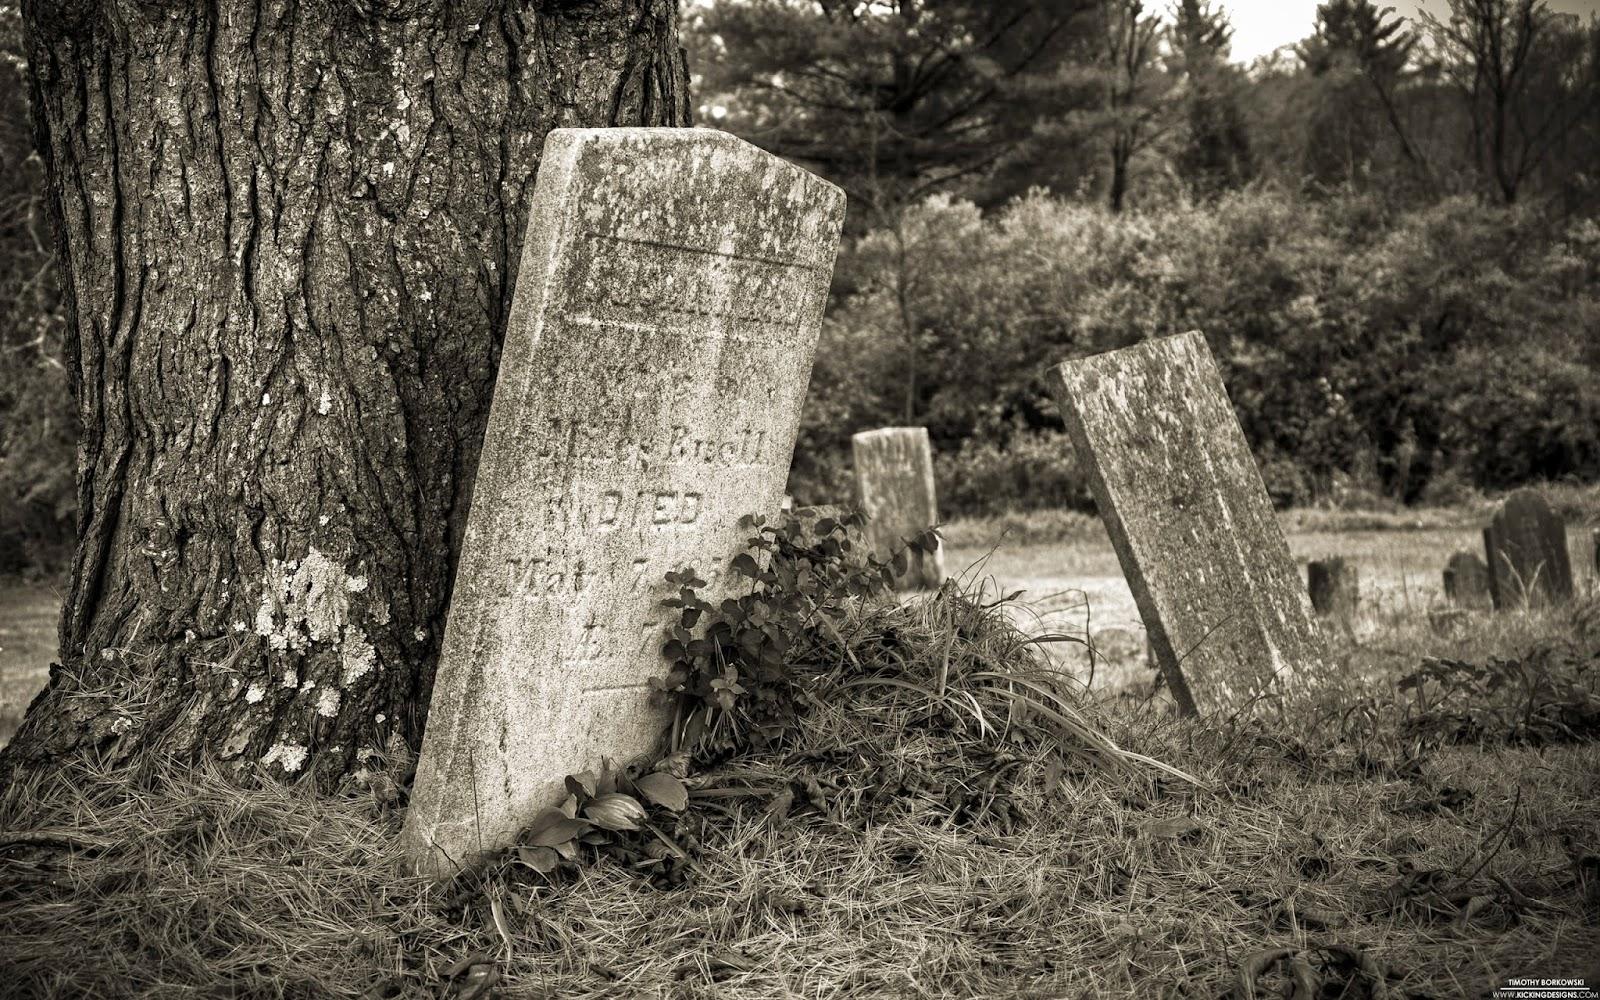 Saat Kematian Tiba, Orang Kafir Ingin Dikembalikan ke Dunia